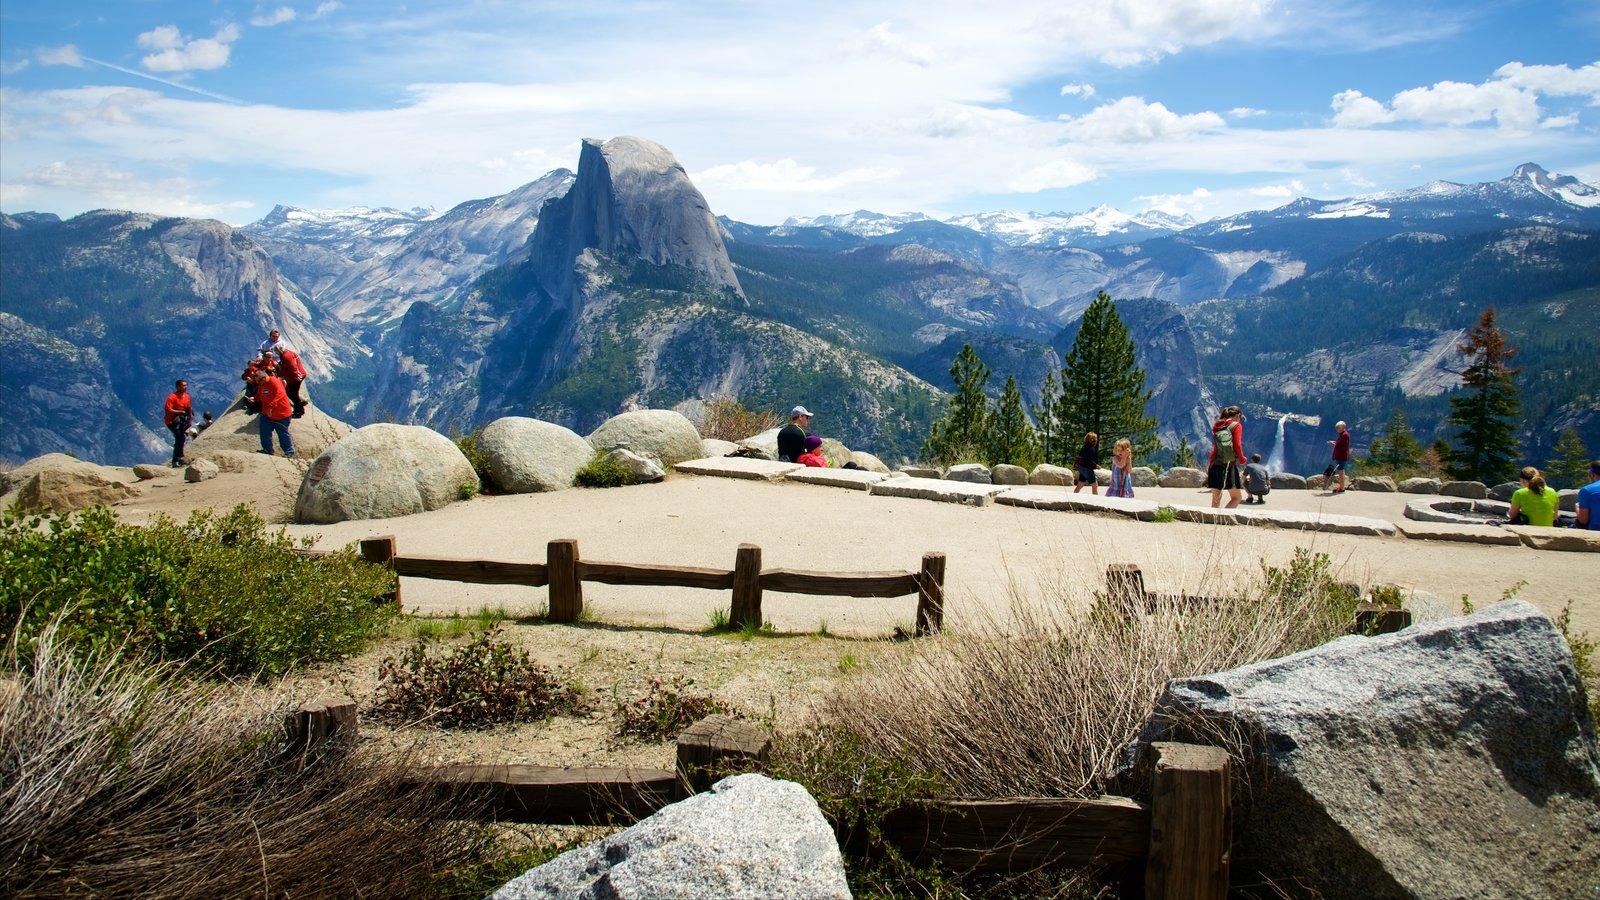 Glacier Point que inclui montanhas e paisagens assim como um pequeno grupo de pessoas